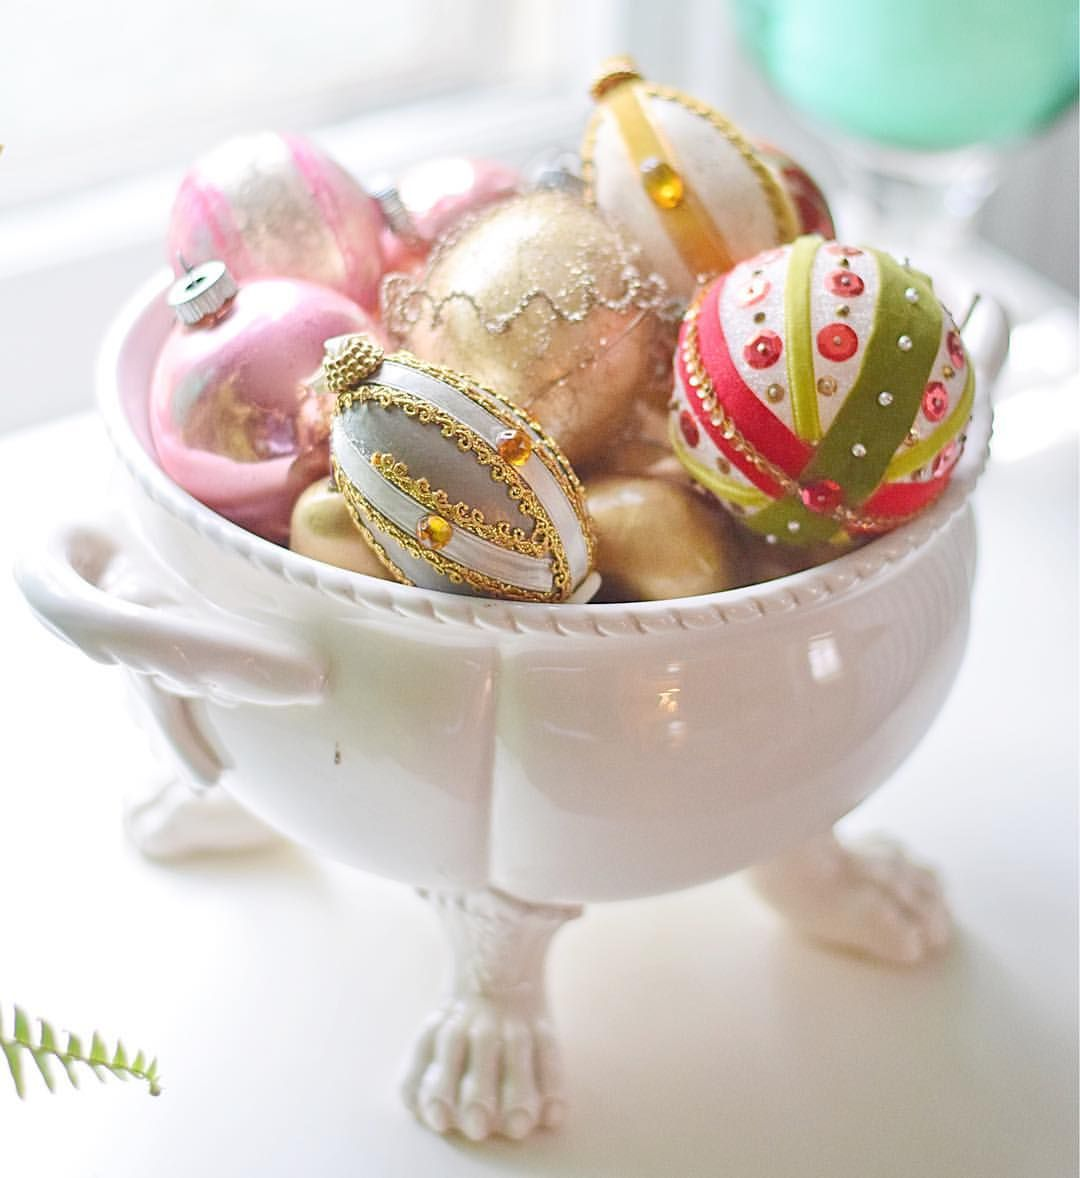 Vintage ornaments in porcelain tureen